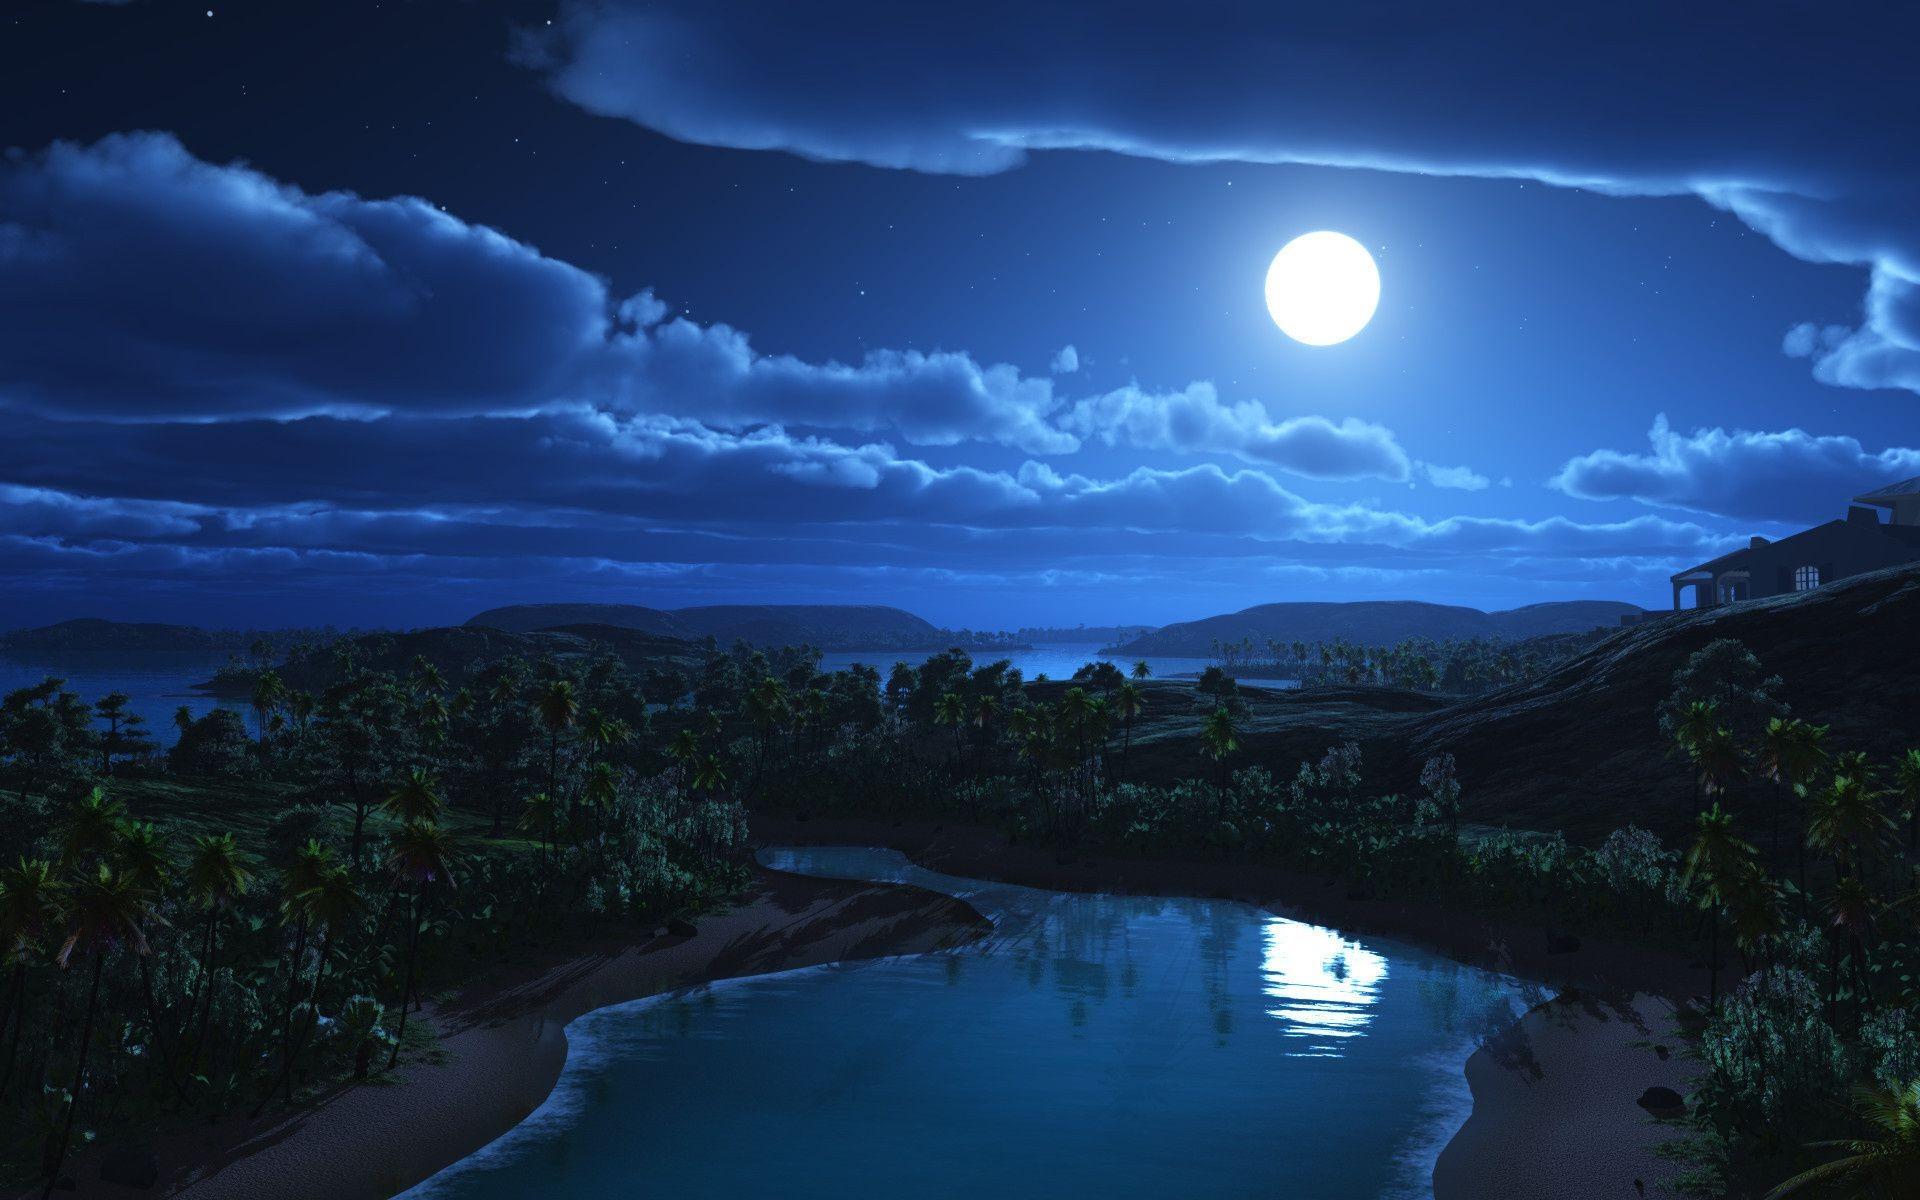 картинки пейзаж ночной